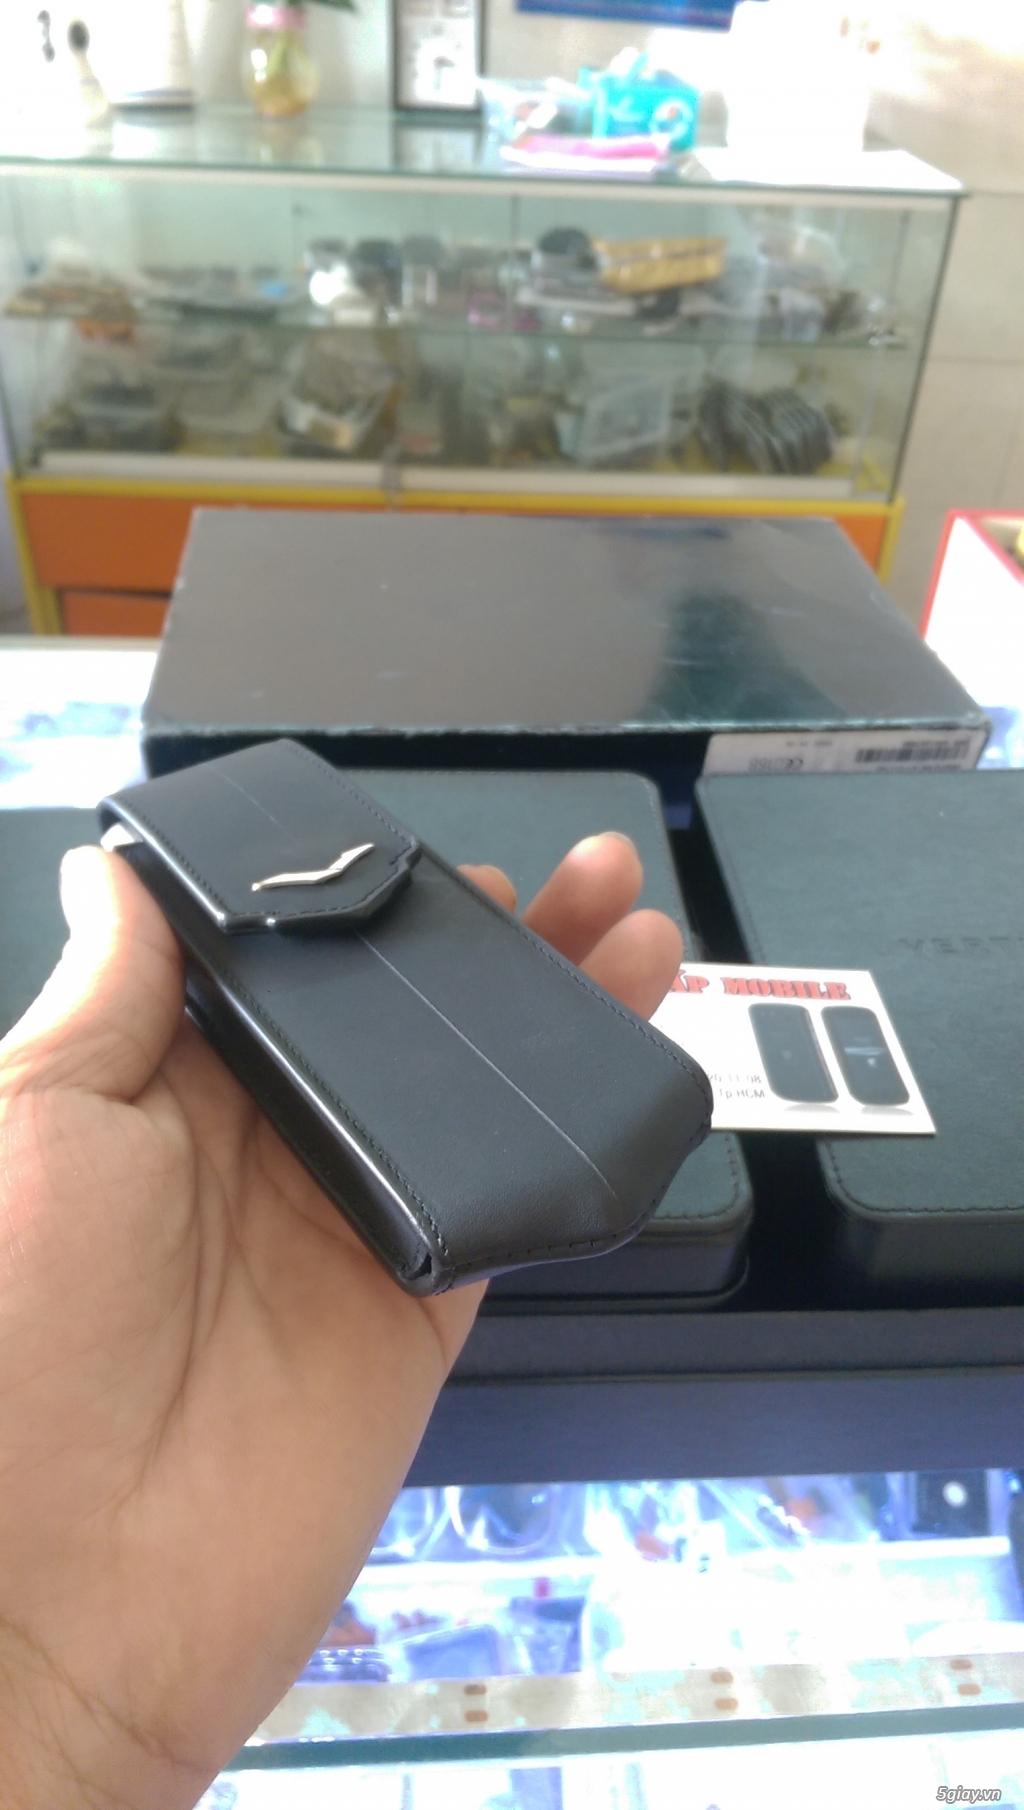 Nokia 8800,8600,6700... - 3